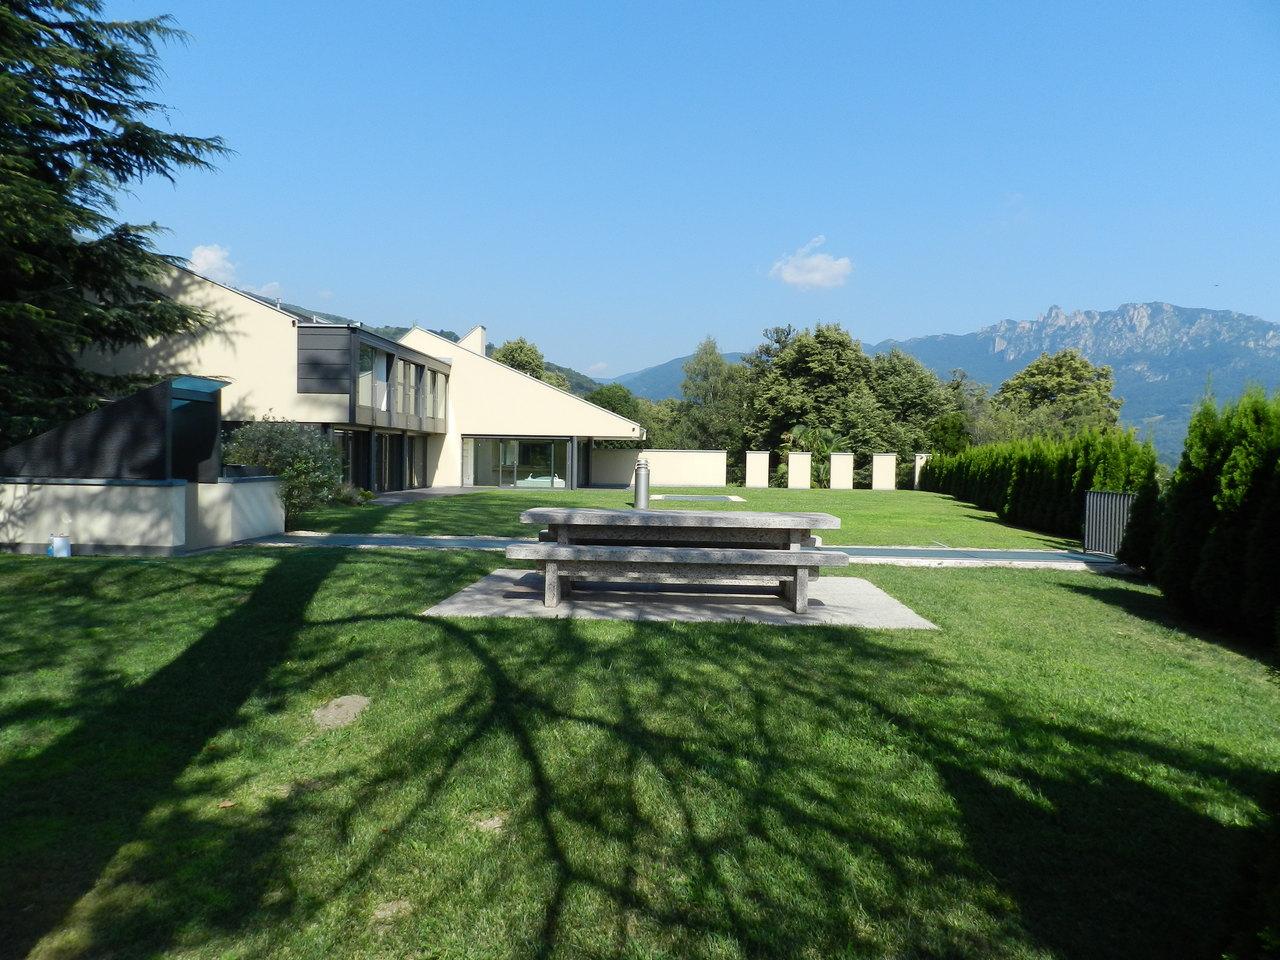 Single Family Home for Sale at Moderna proprietà privata Bigorio Lugano, Ticino 6900 Switzerland